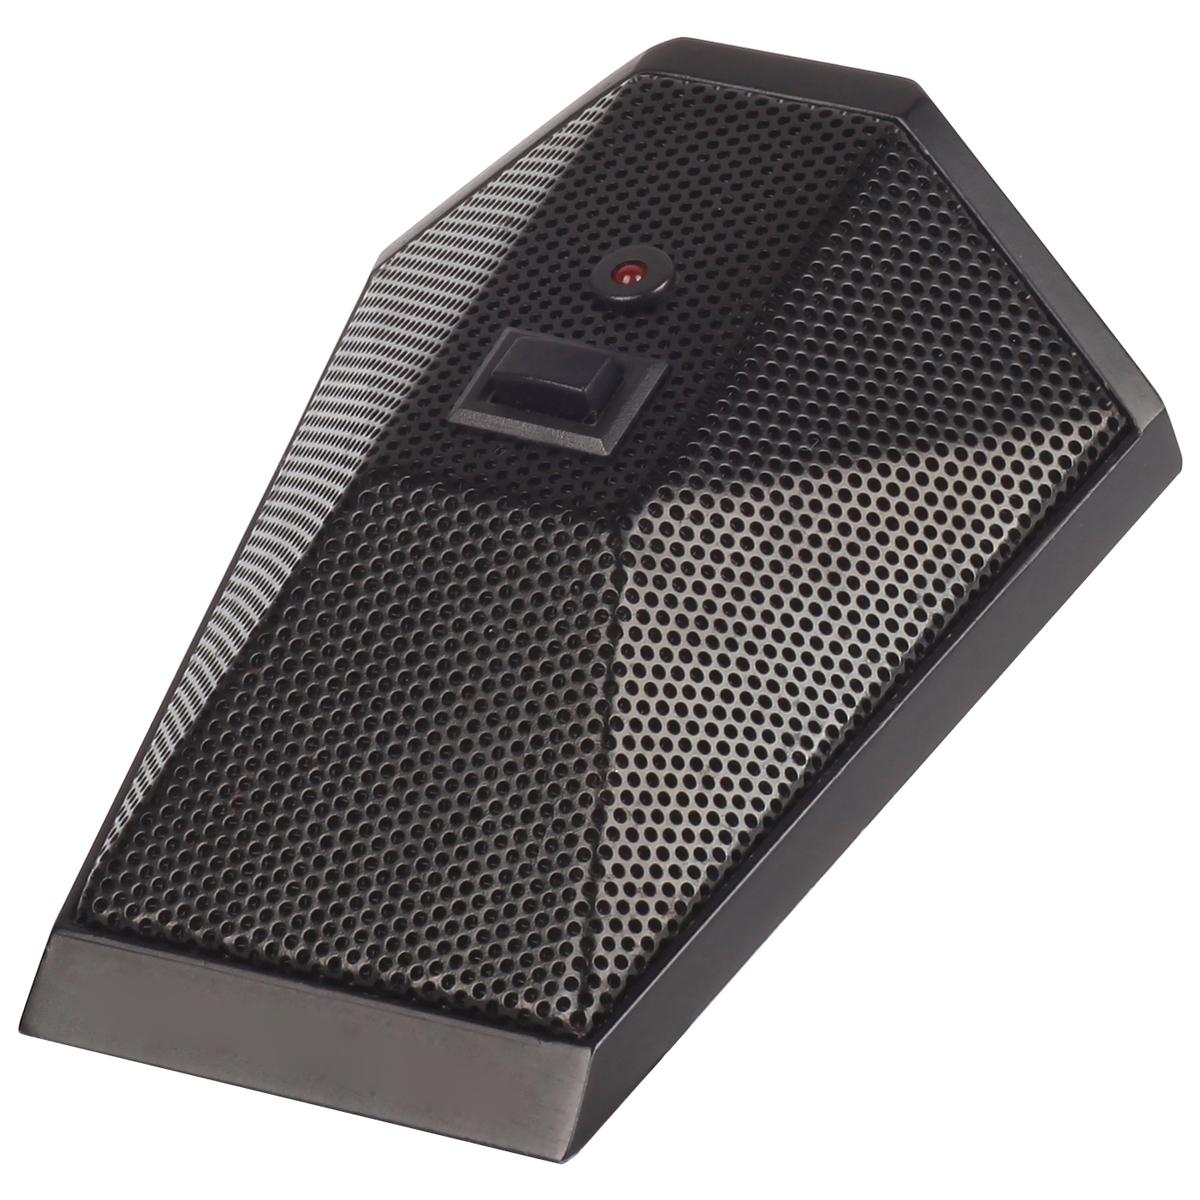 多媒体电子系统工程会议话筒TD730 爱宝麦士中央集成控制系统工程会议话筒